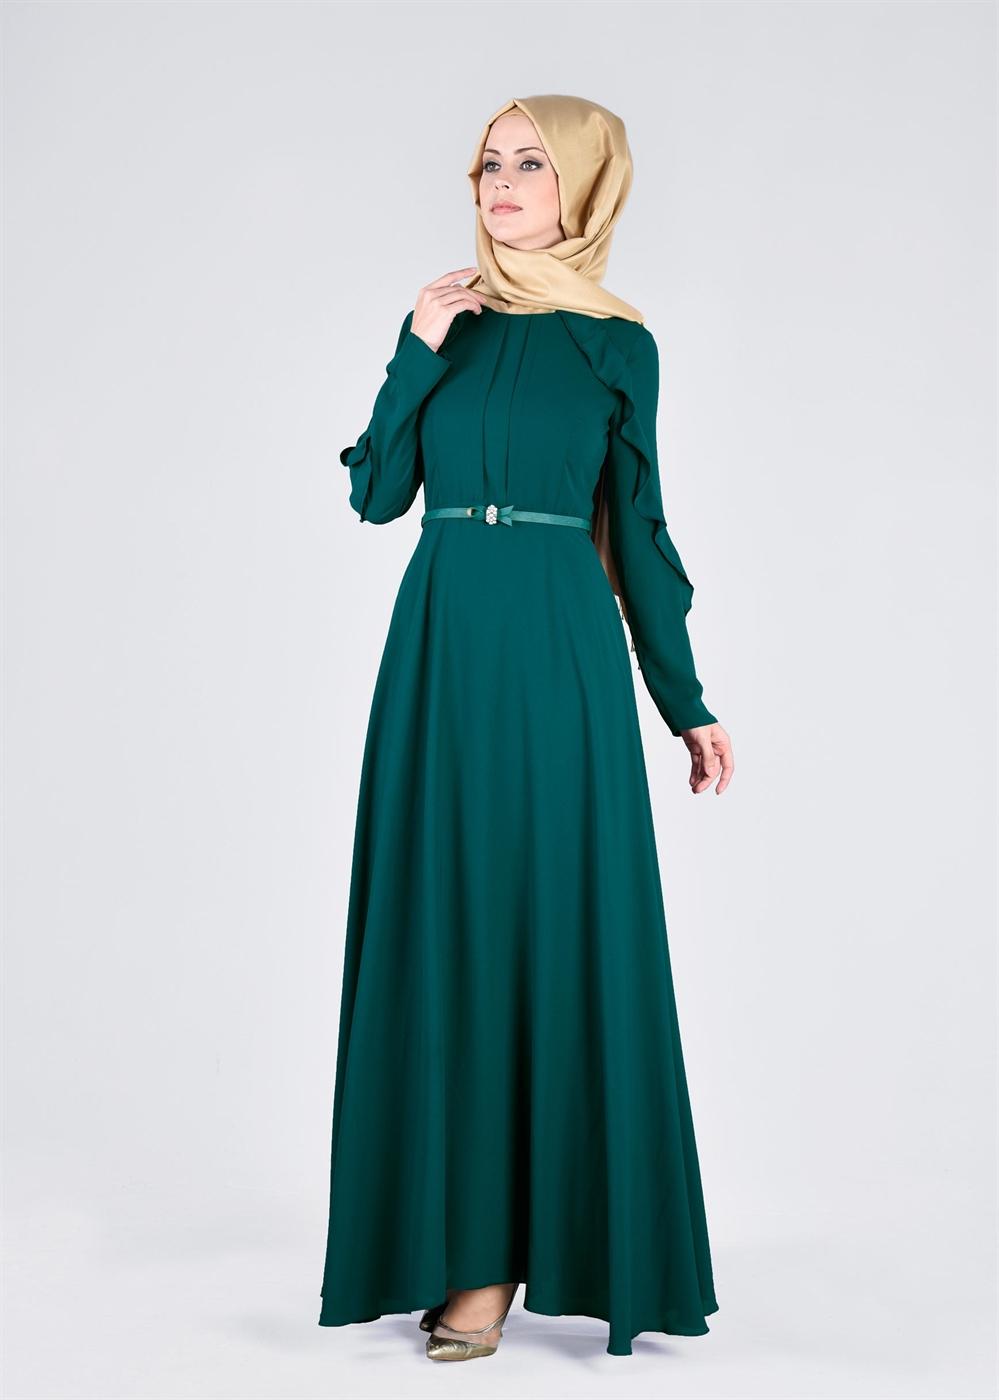 fab5124f7f35c Desensiz tasarlanan tesettür elbiselerde kol uçlarında ve göğüs altında  ince dantellere yer verilmiş modeller, göğüs altından incecik kemer  kullanılmış ...